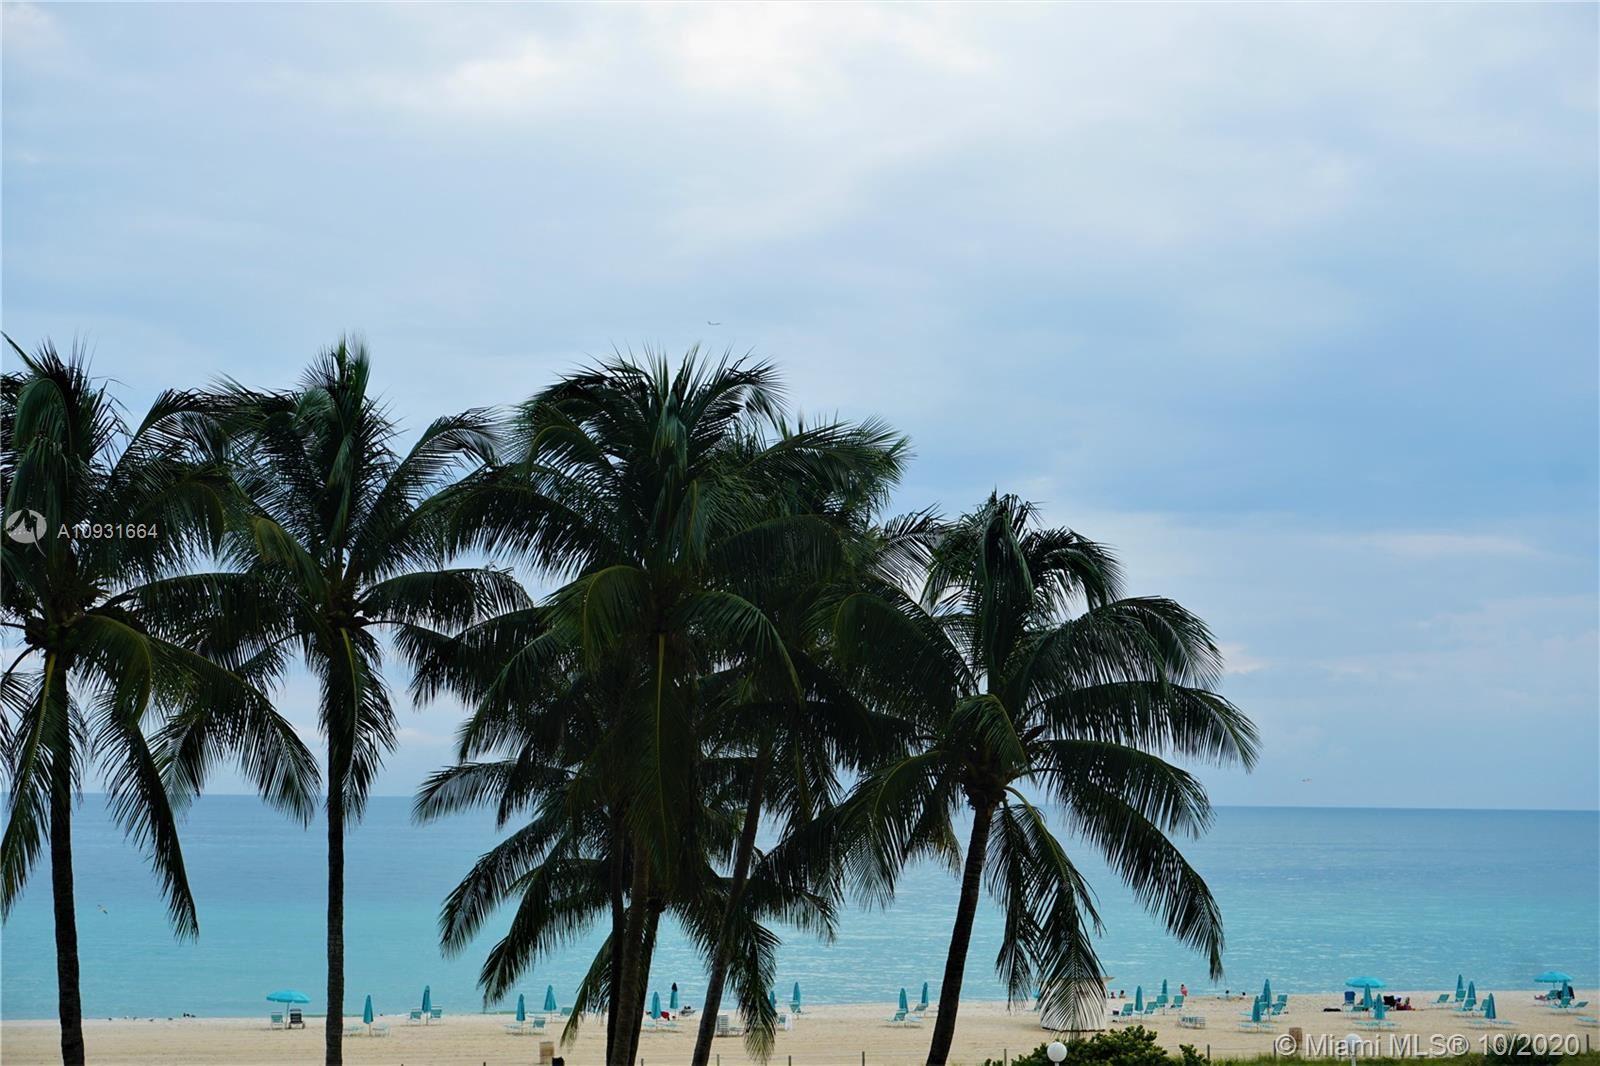 5757 Collins Ave #504, Miami Beach, FL 33140 - #: A10931664